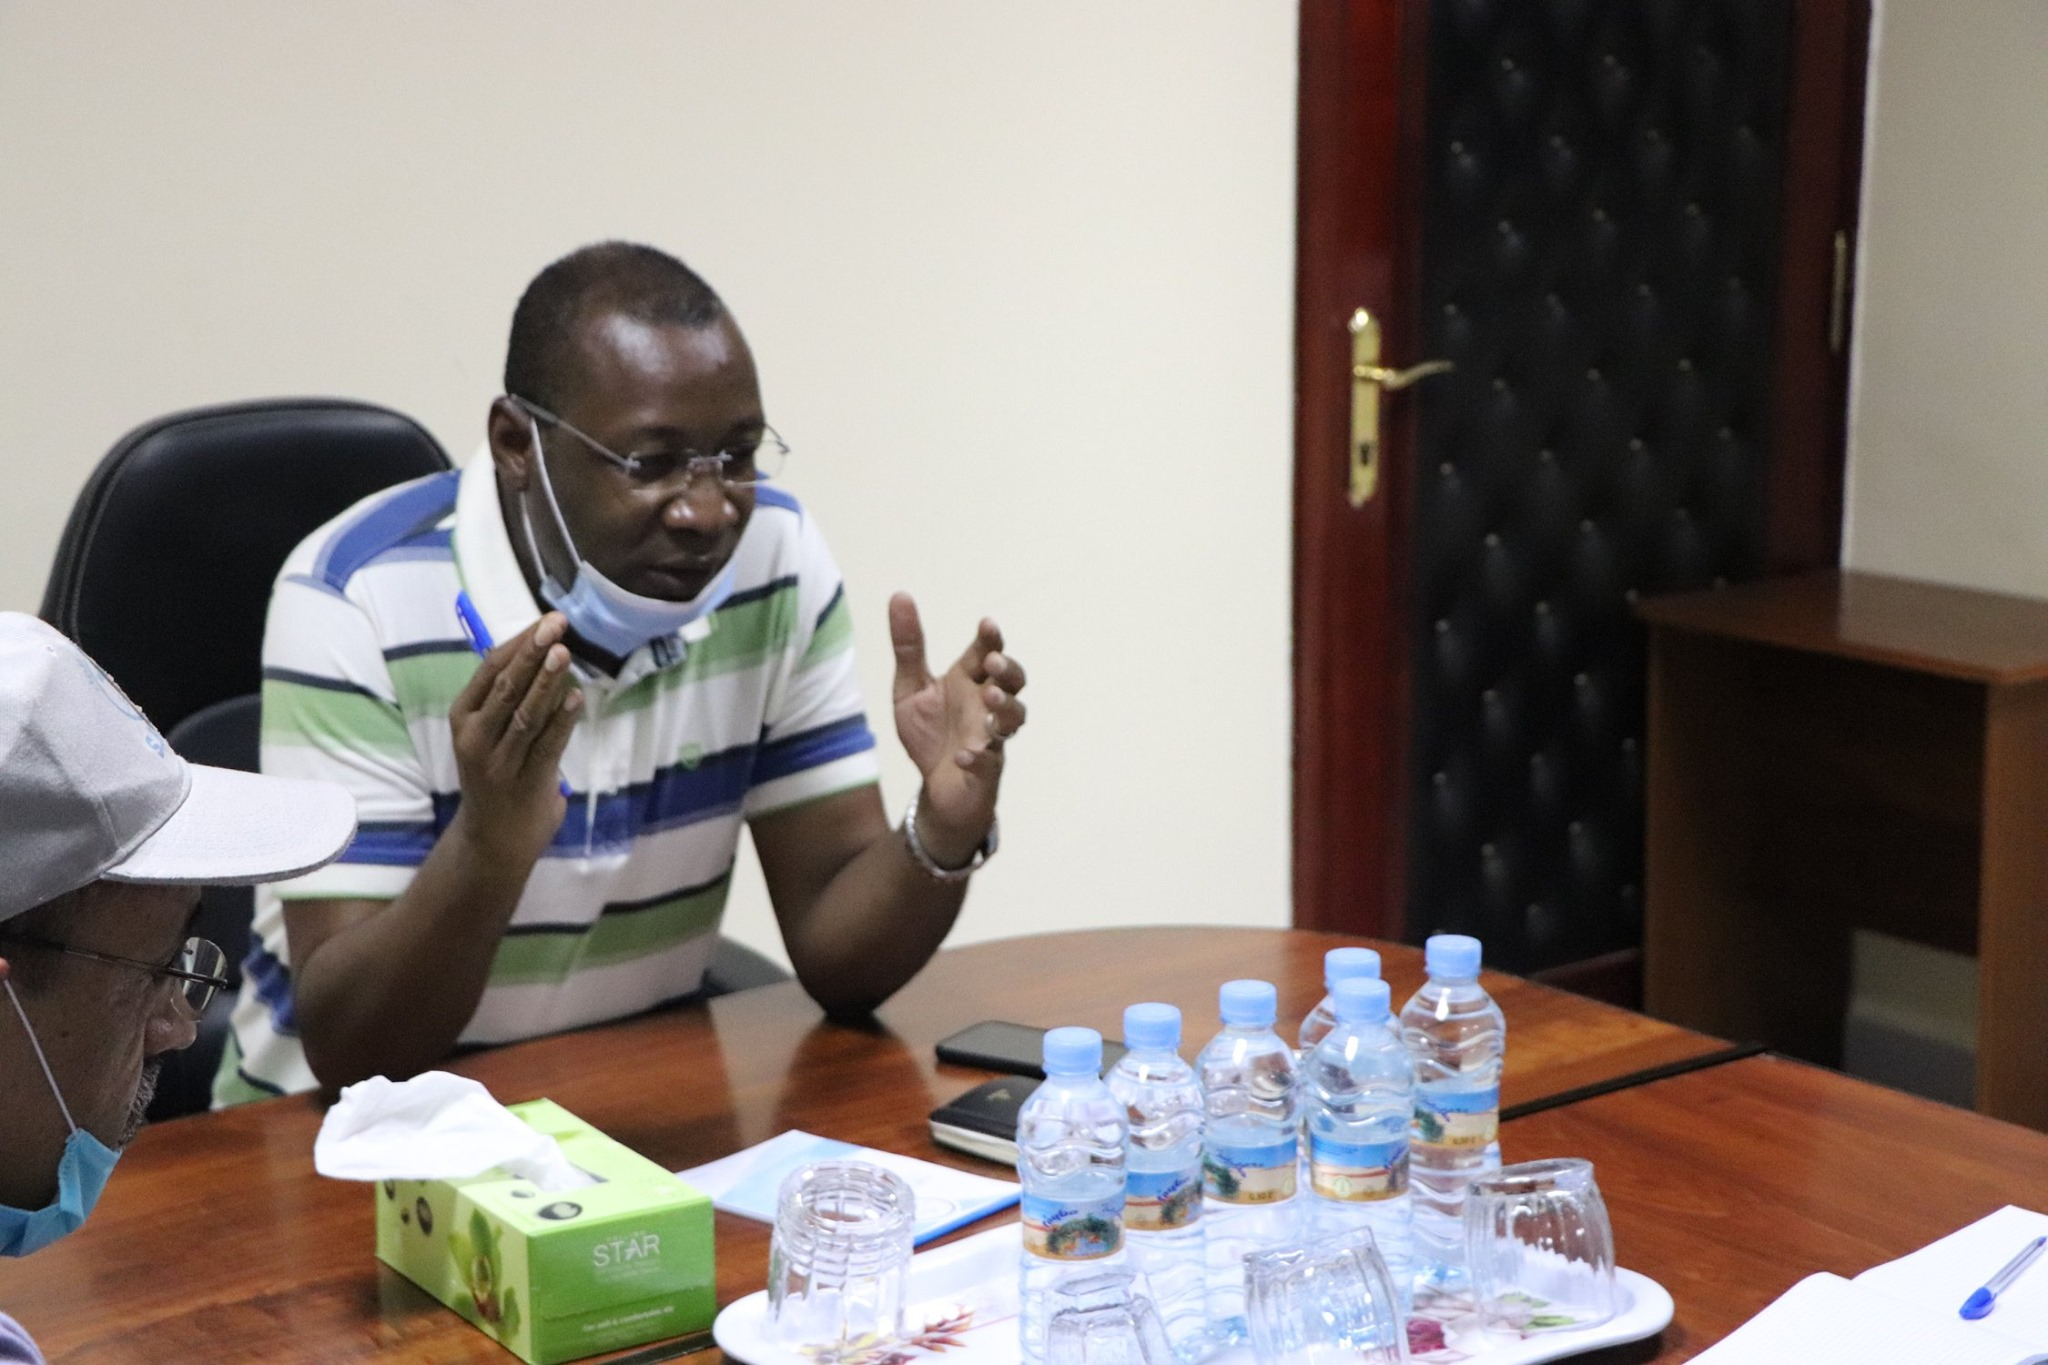 وزير المياه والصرف الصحي سيدي أحمد ولد محمد خلال اجتماعه اليوم في مقر شركة المياه